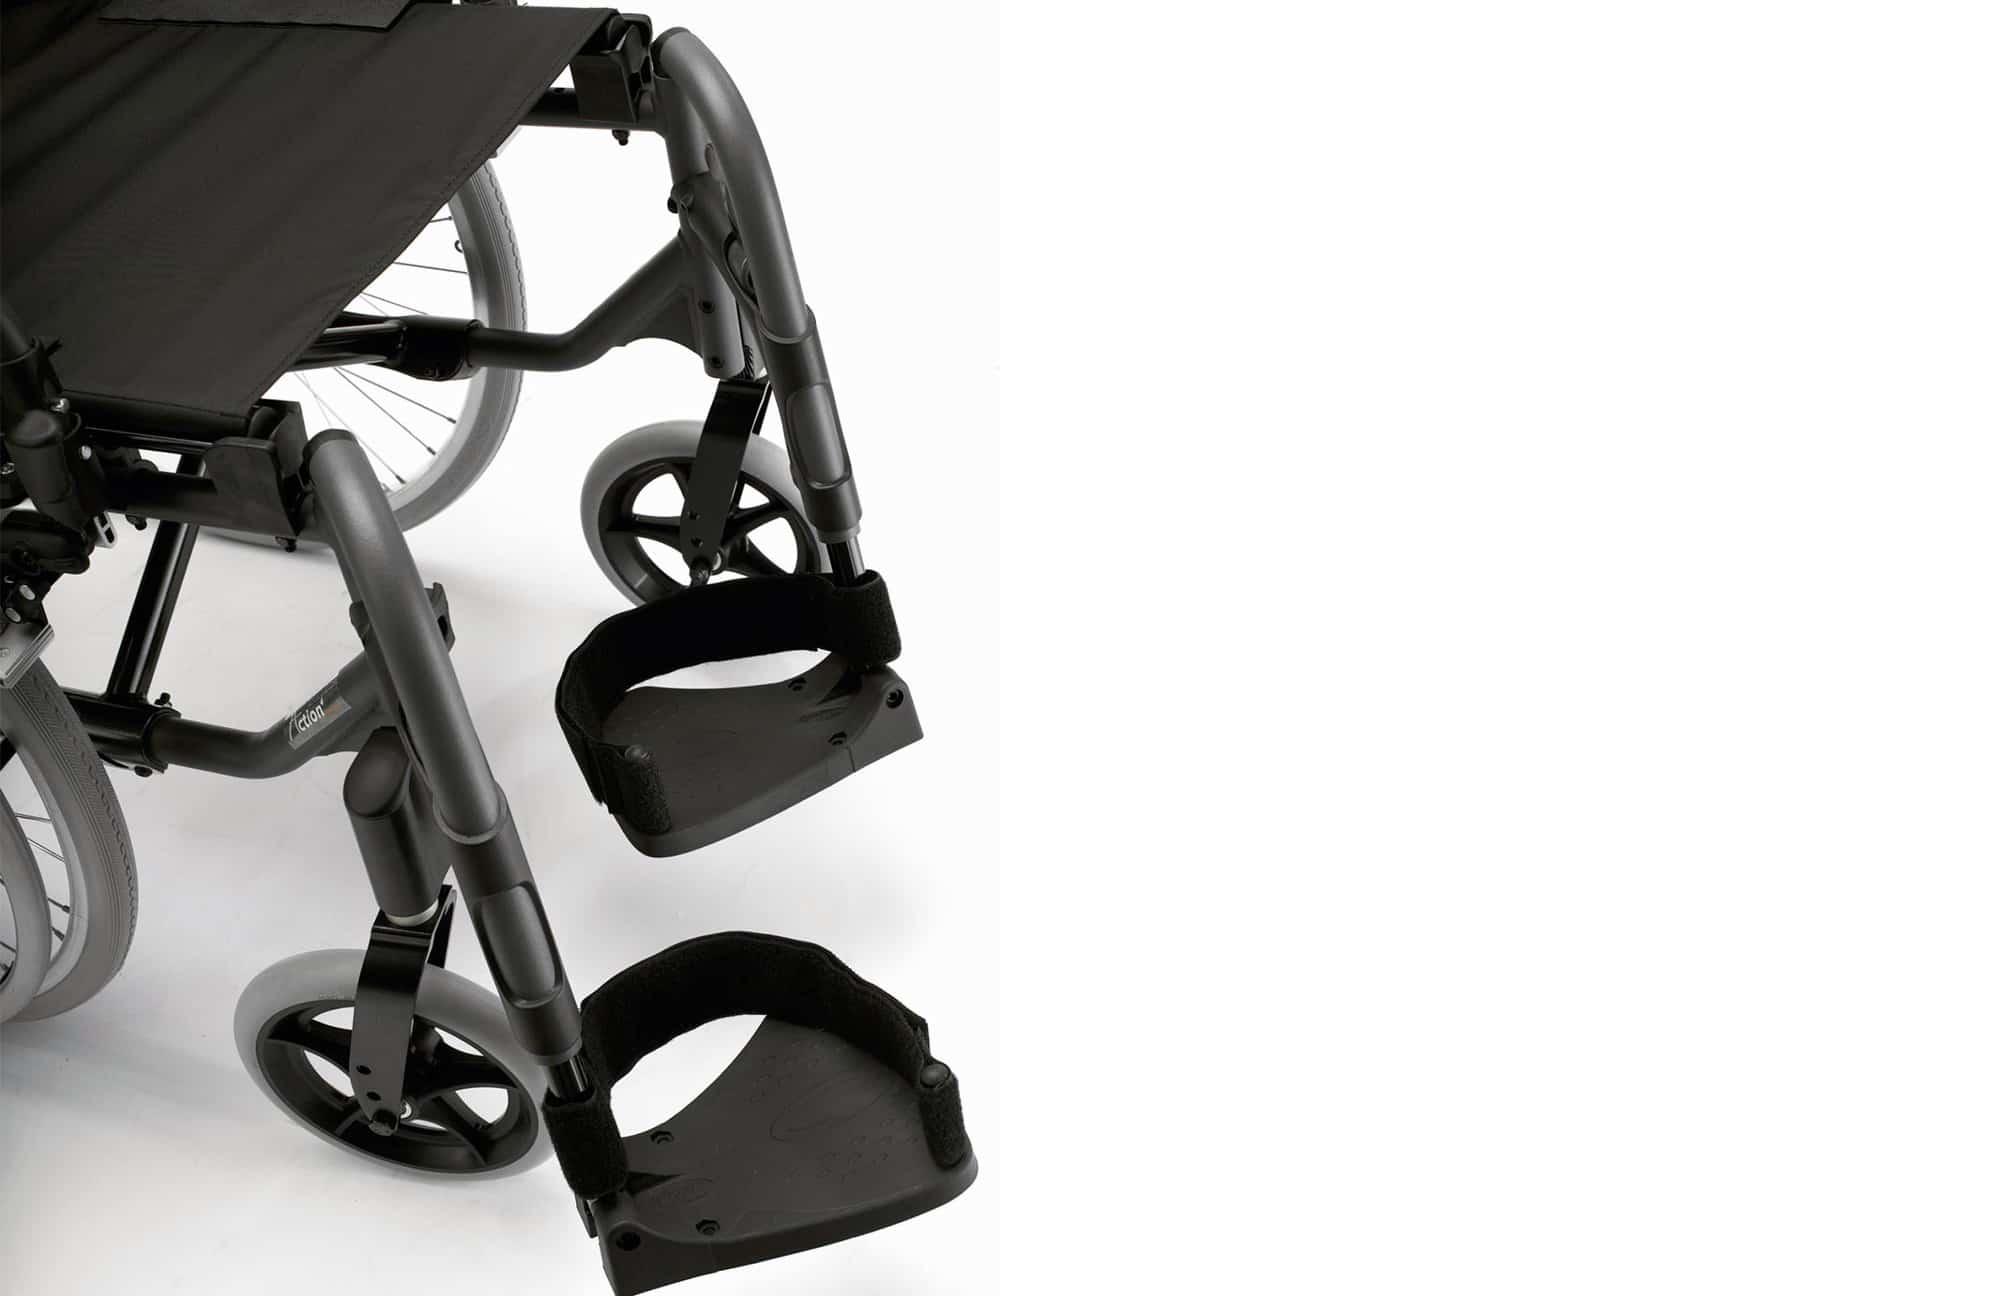 Patins de cadeira de rodas manual